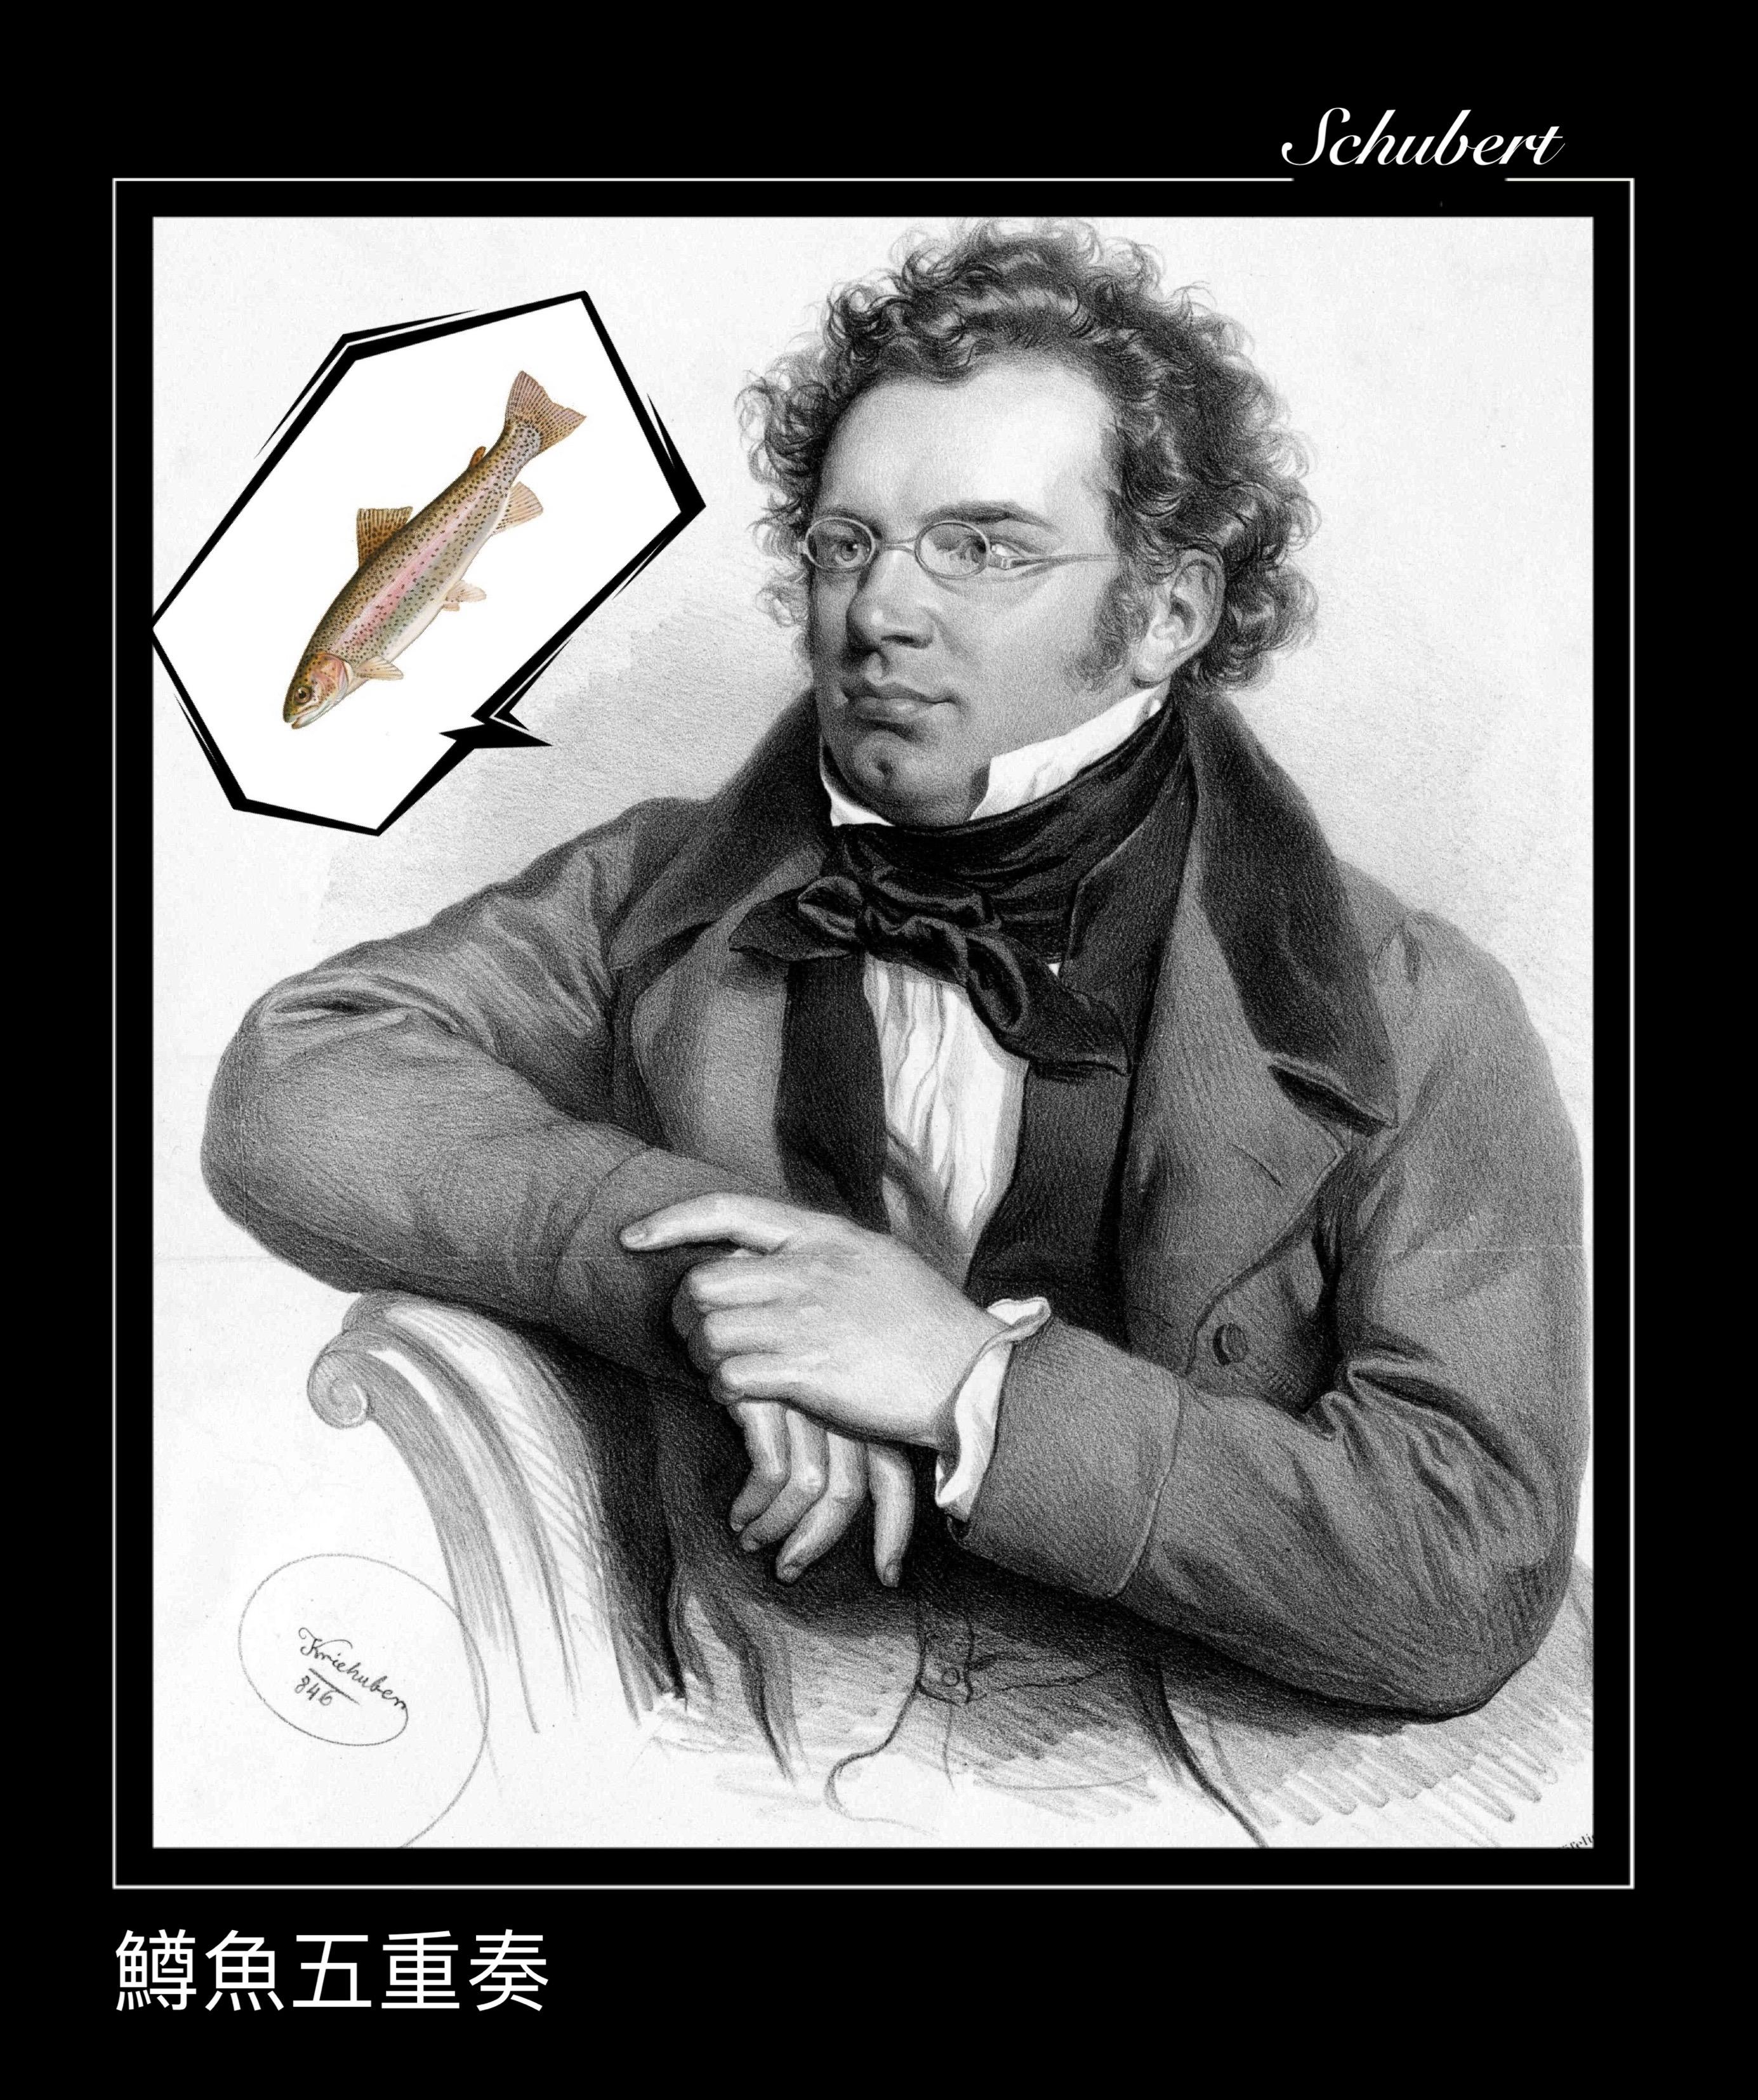 05 舒伯特 鱒魚